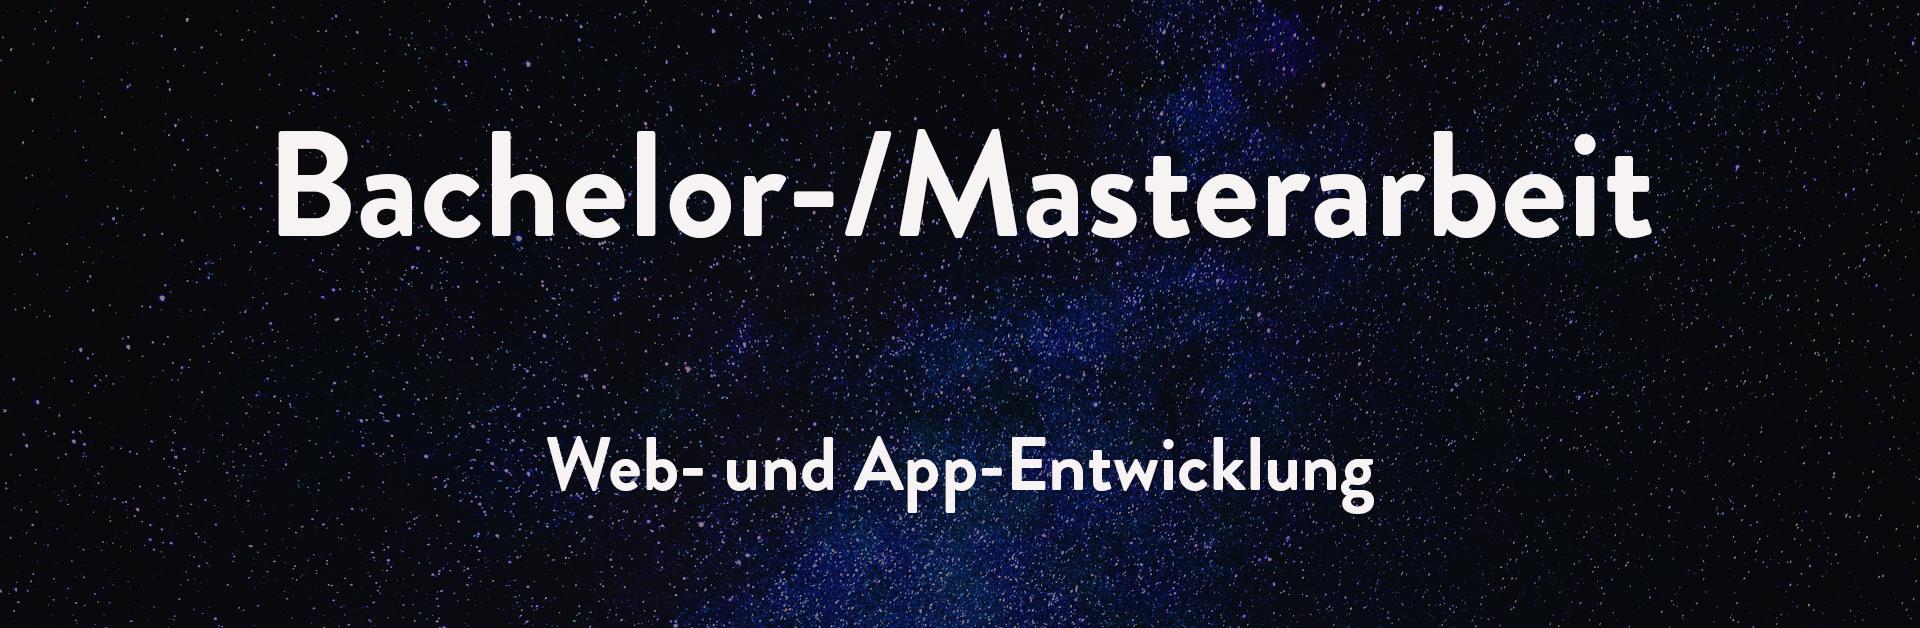 Bachelorarbeit Masterarbeit Web- und App-Entwicklung